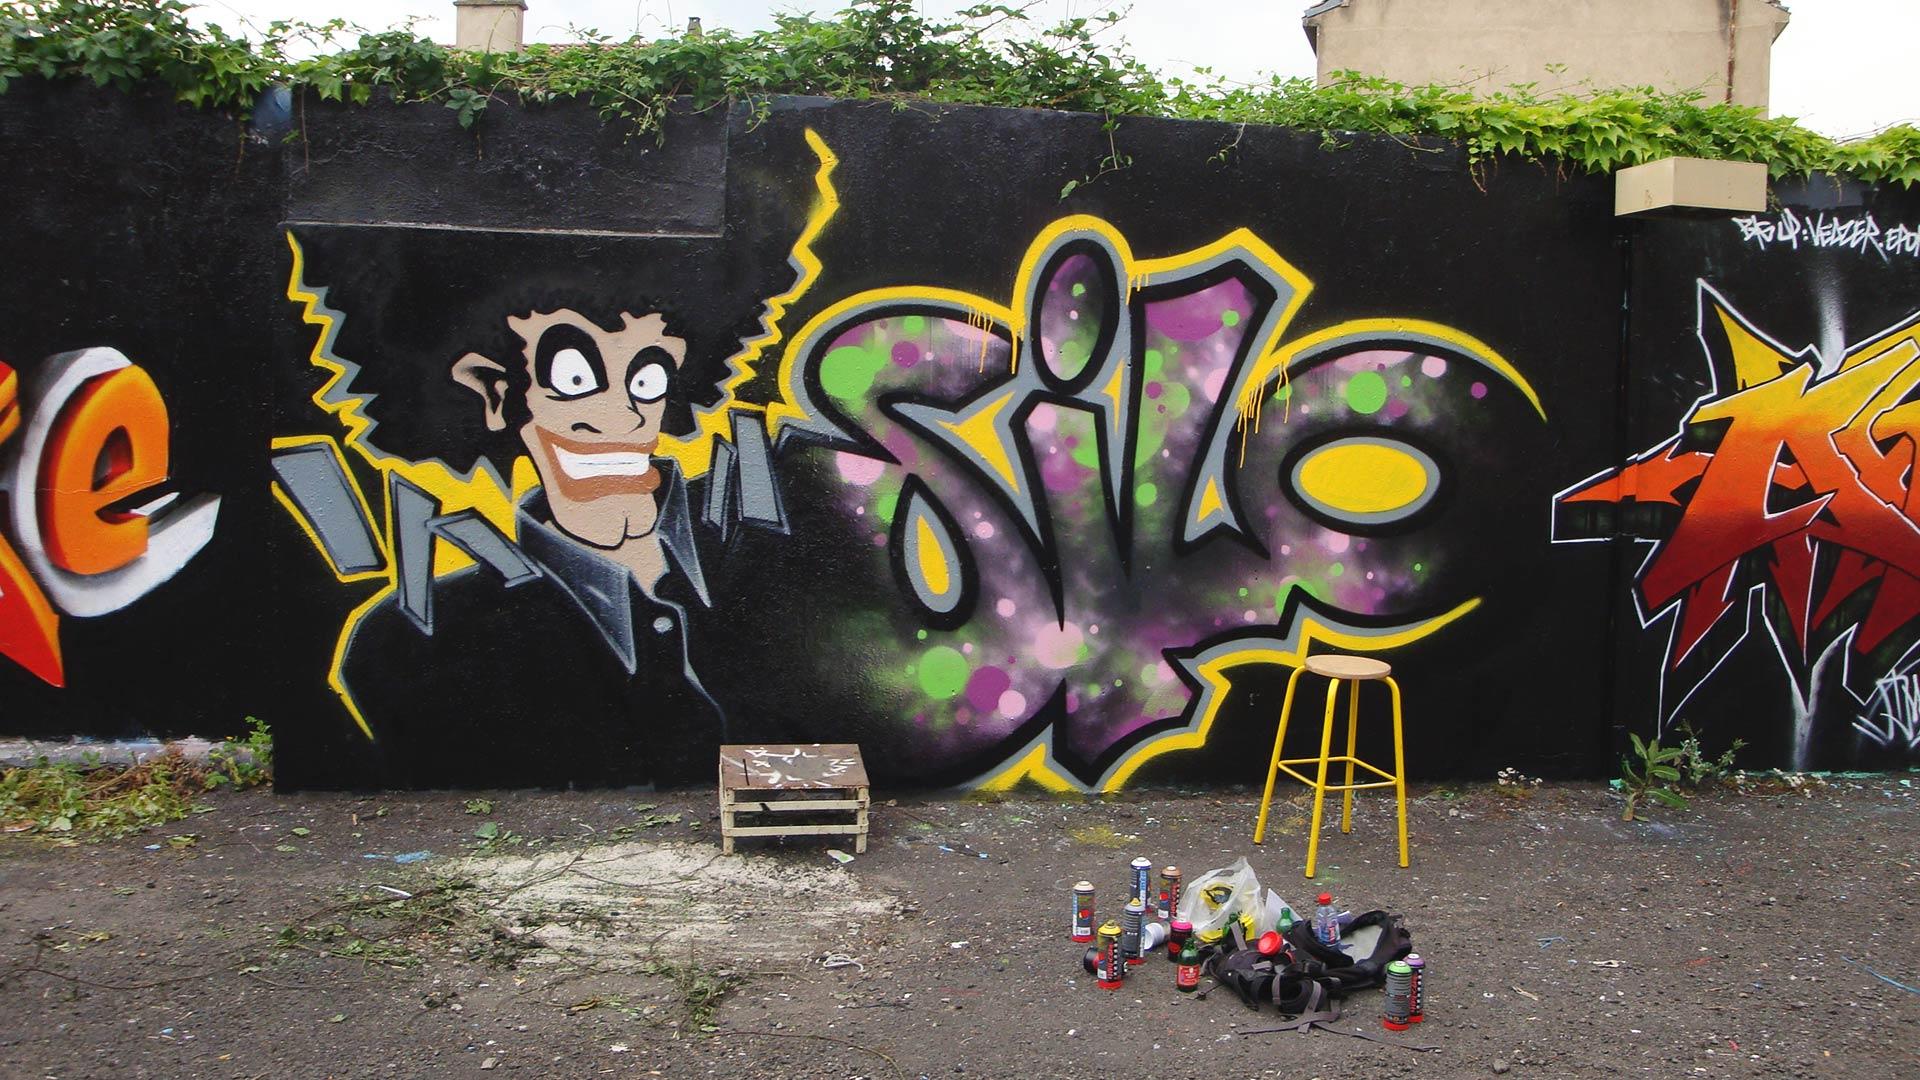 Silo - Graffiti